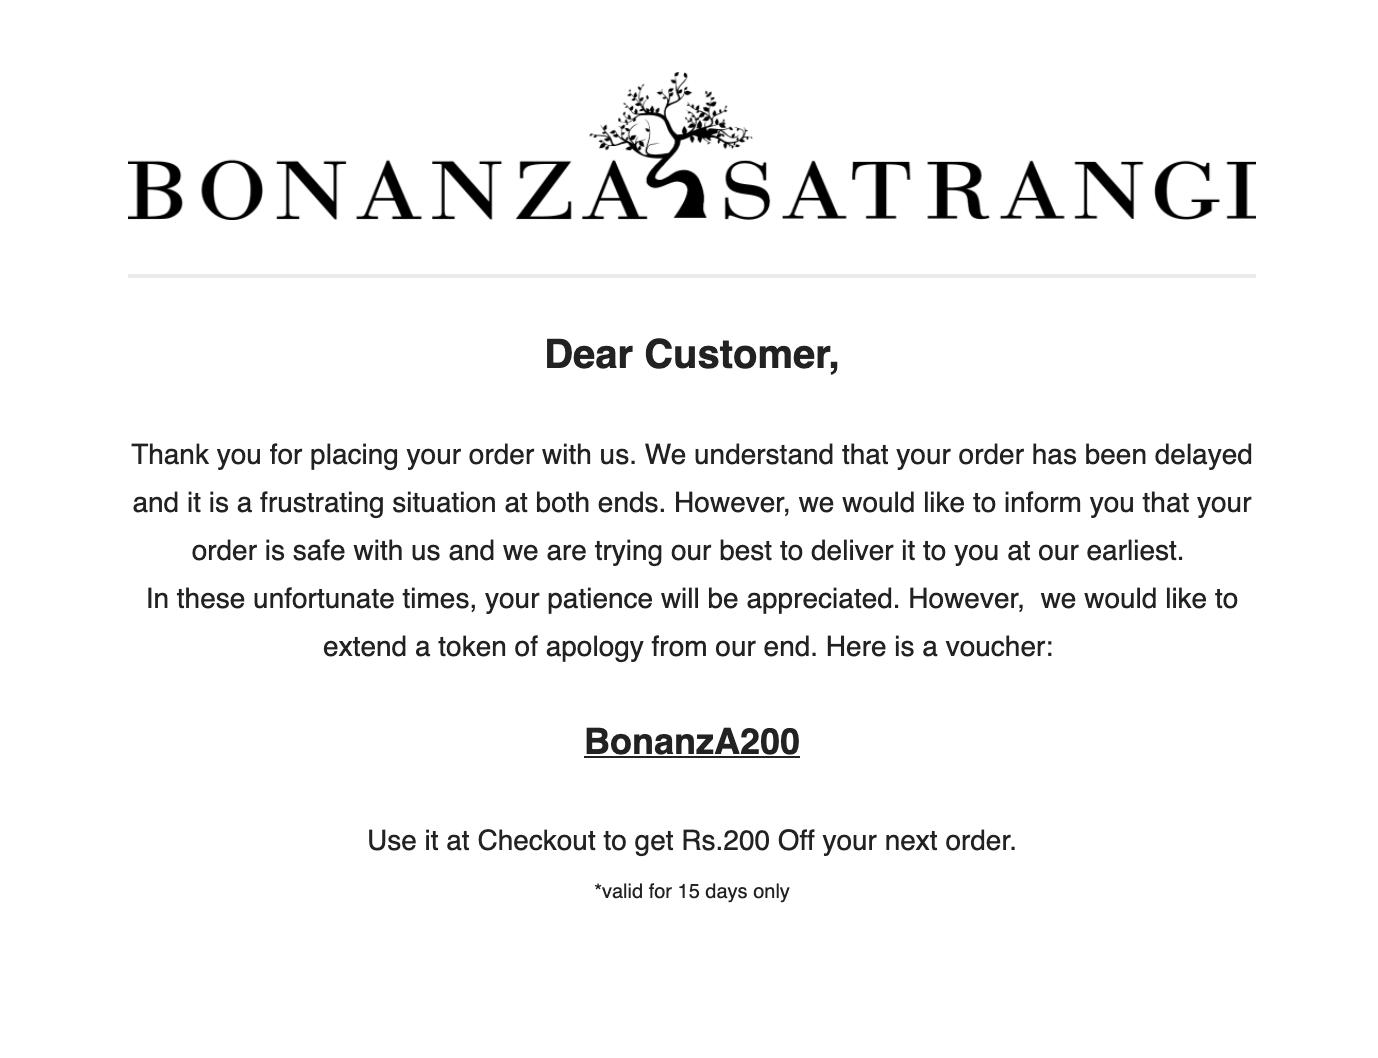 bonanza_satrangi_email_marketing_covid